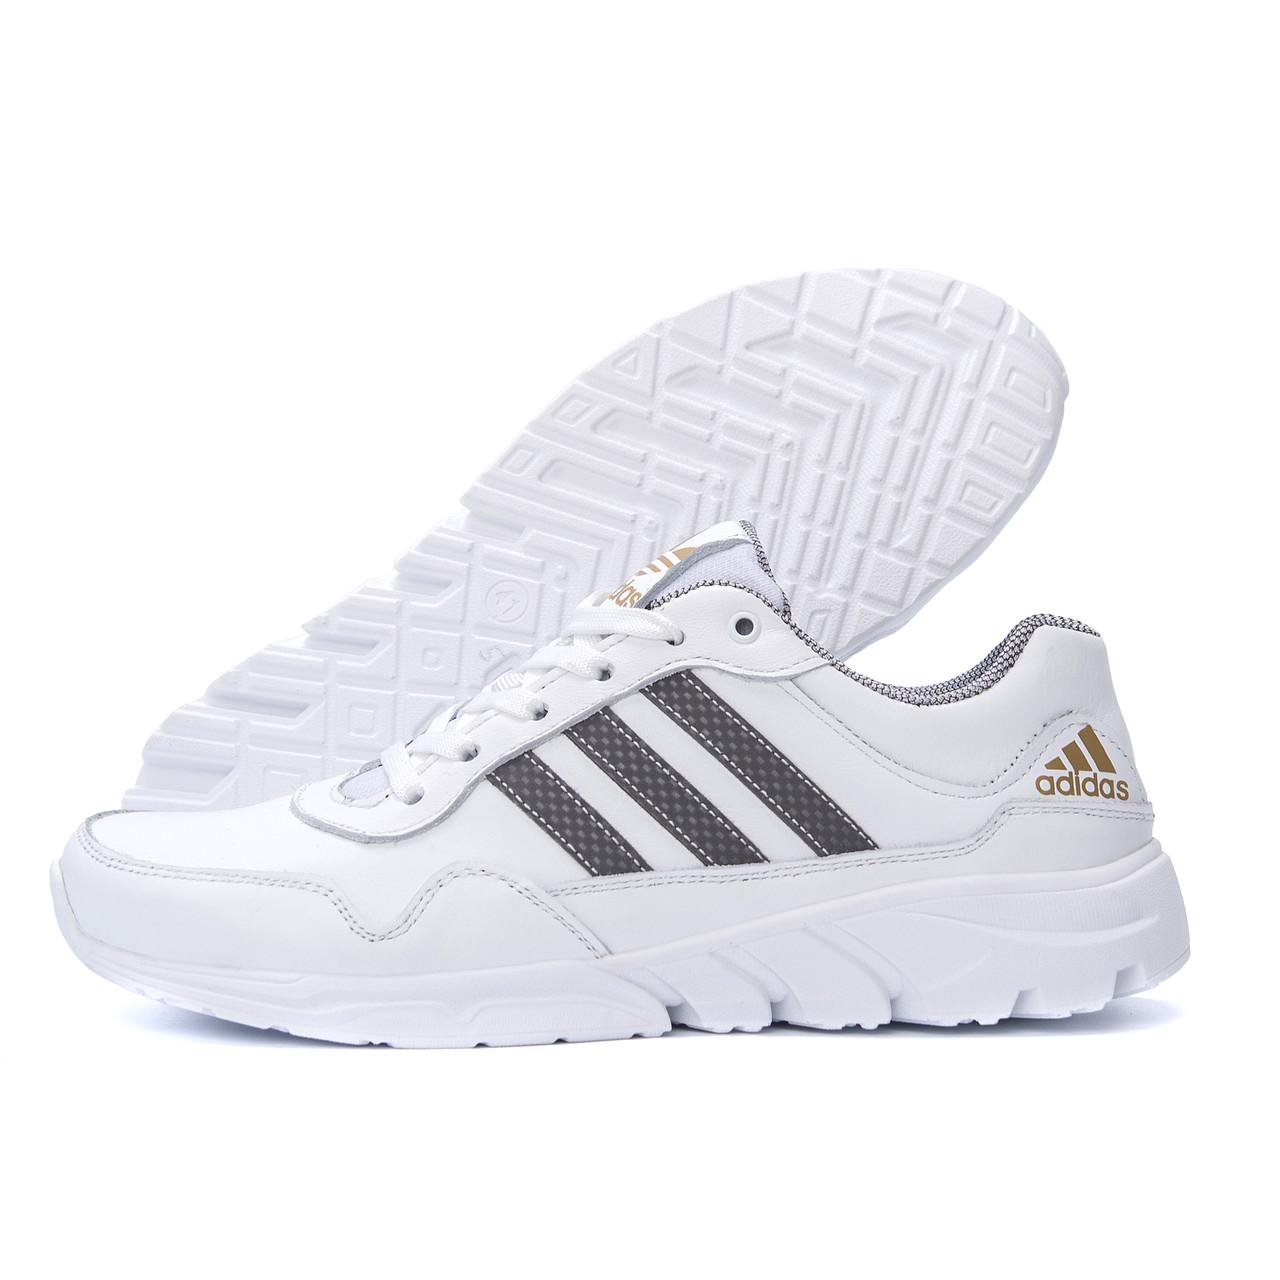 Чоловічі шкіряні кросівки Adidas Tech Flex White (репліка)